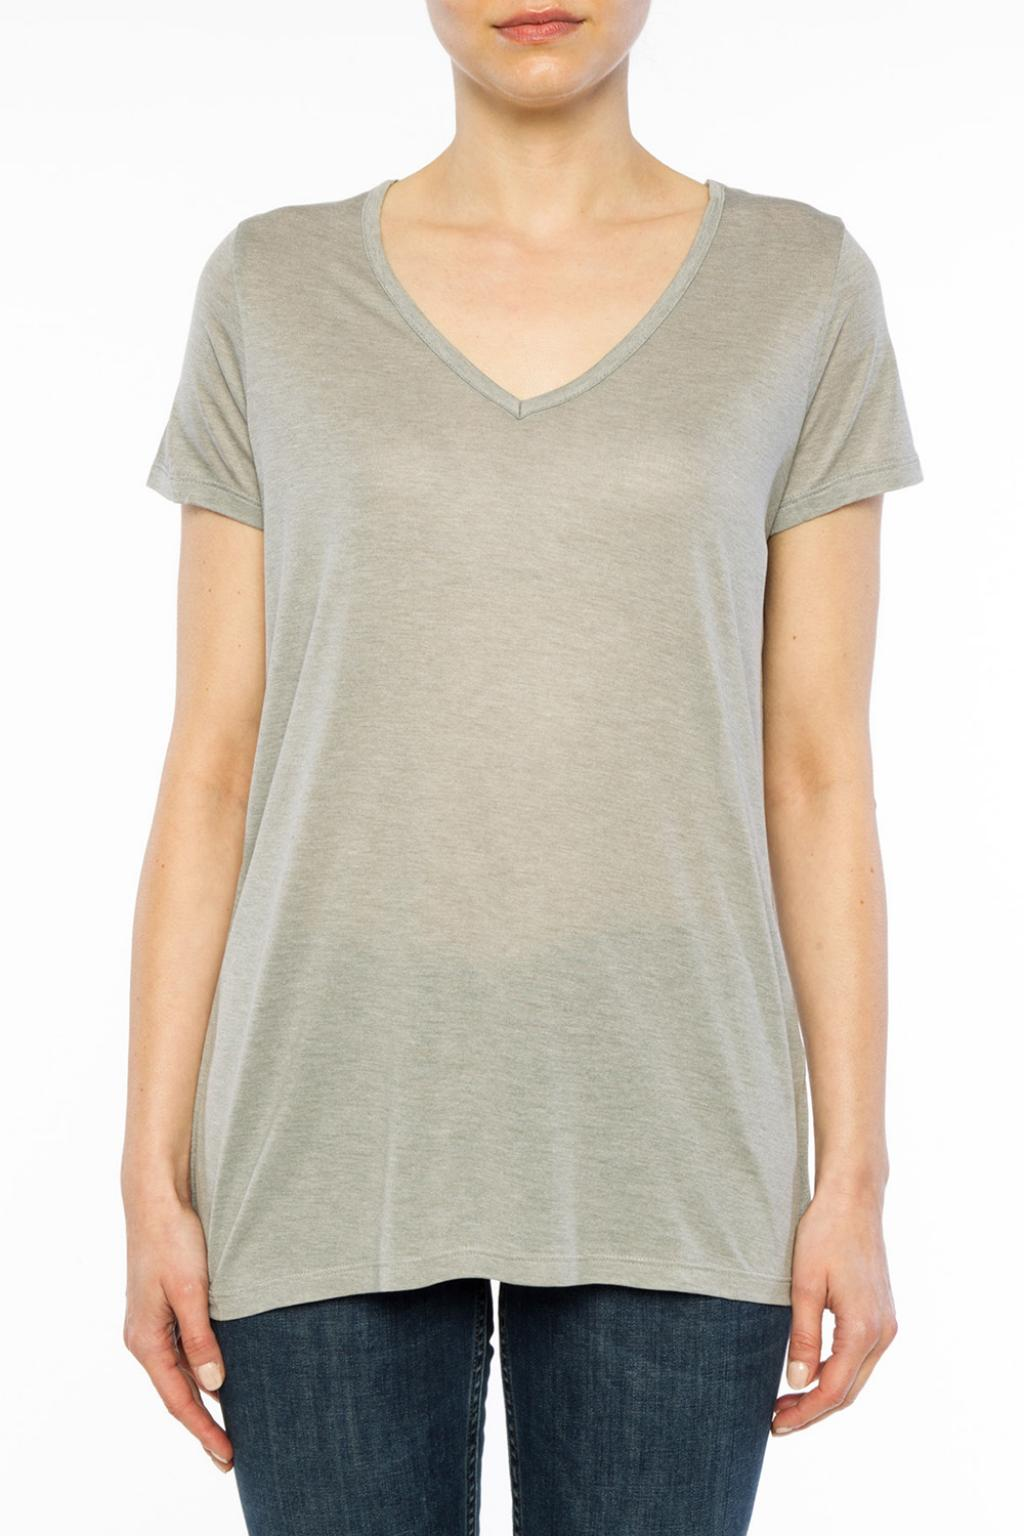 AllSaints 'Malin' V-neck T-shirt